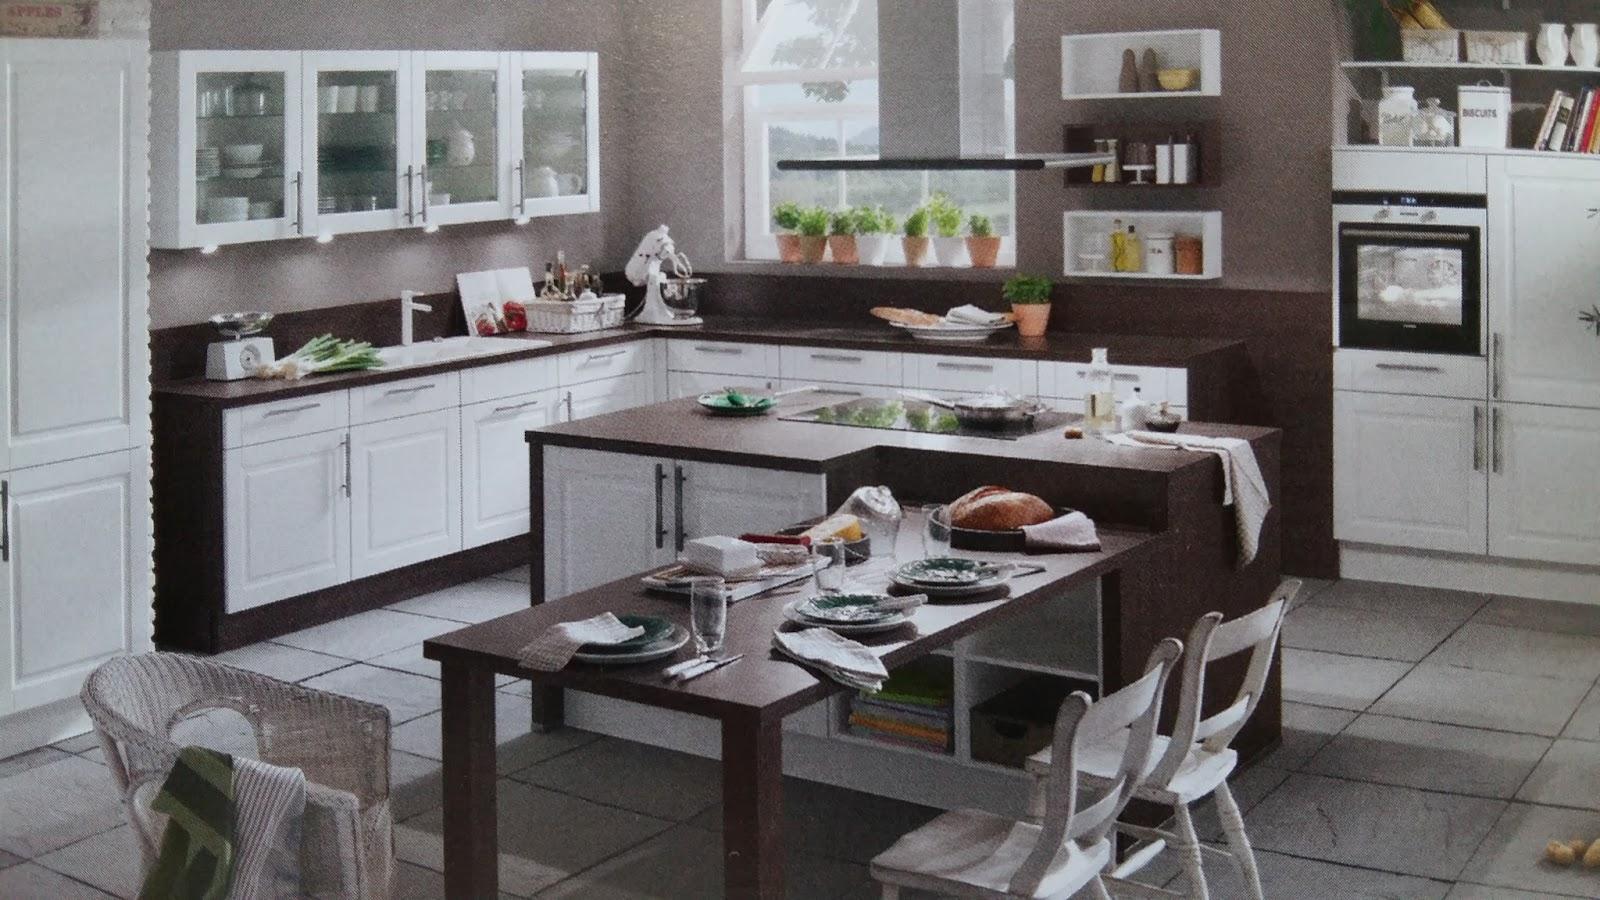 Plathoo dise o de cocinas y ba os 3d cocinas con - Diseno de cocinas y banos ...